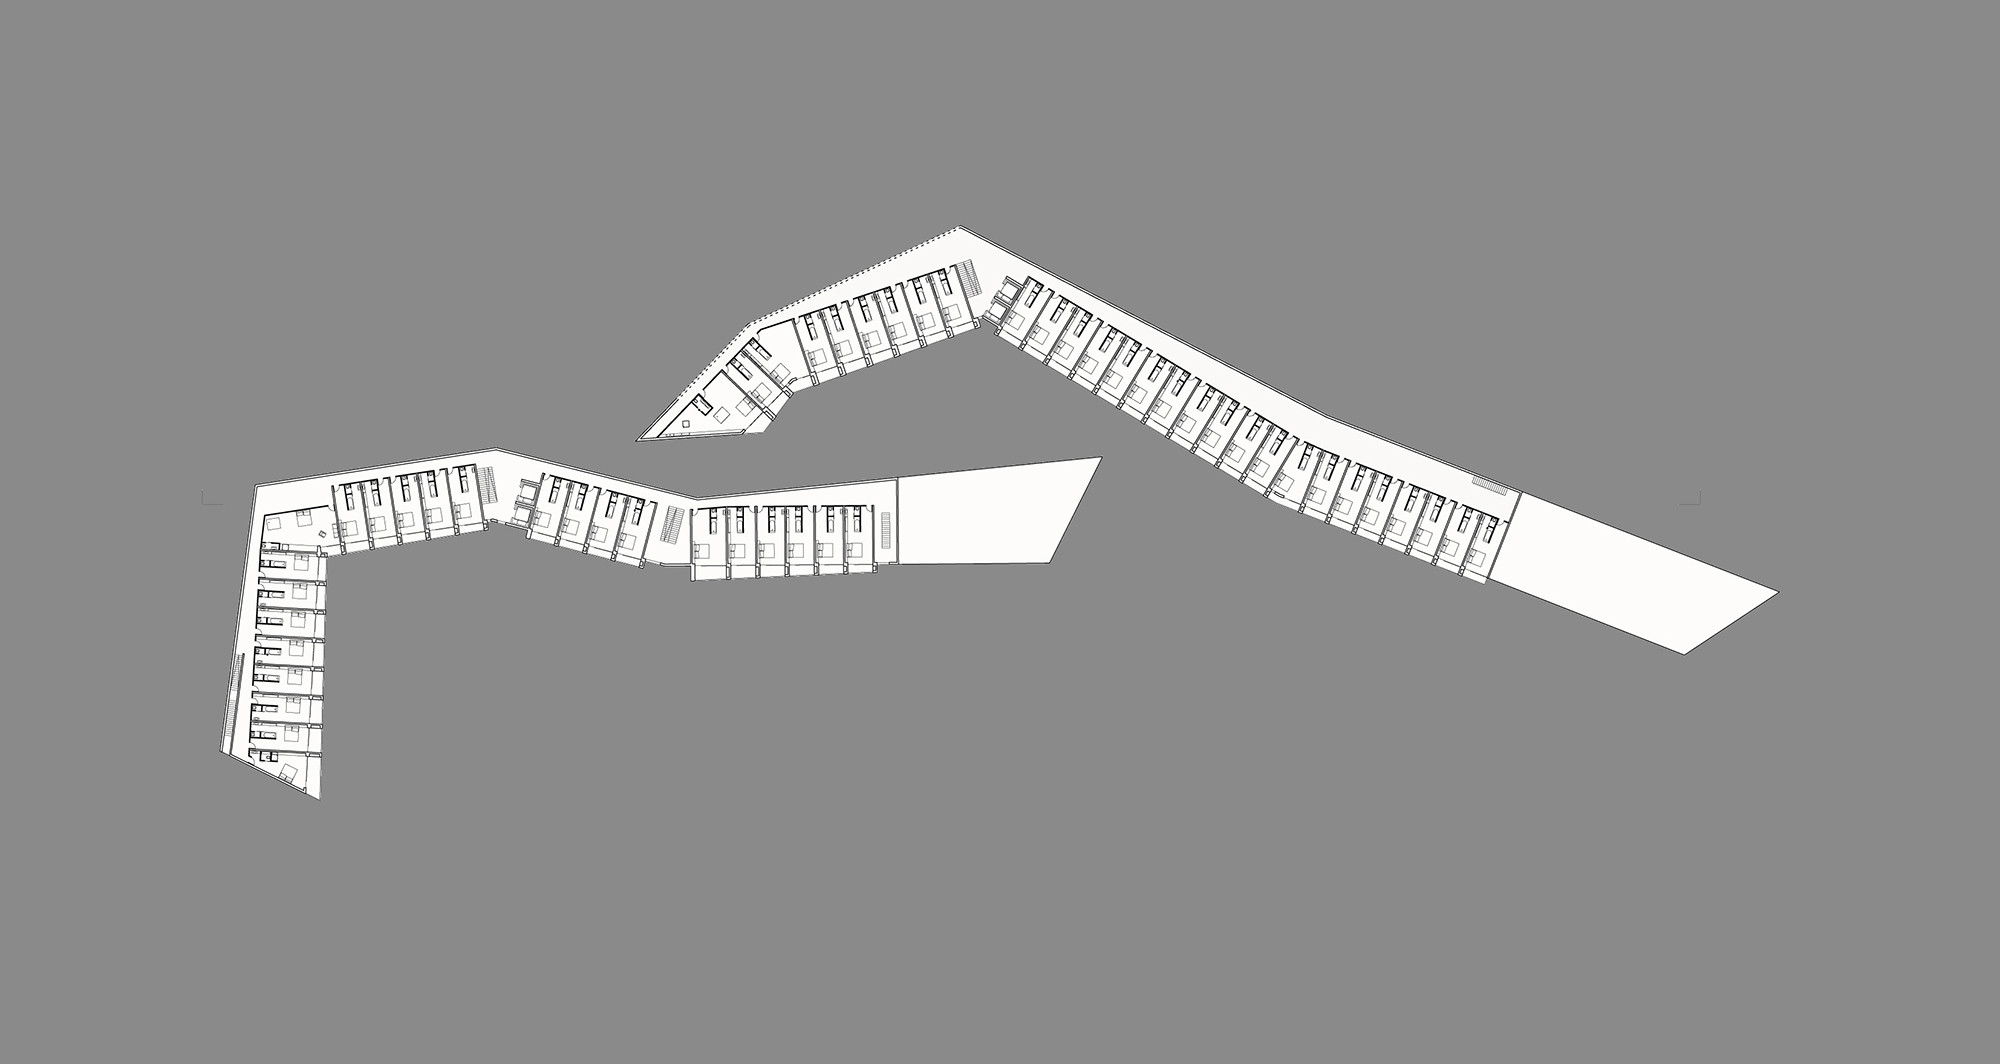 Architektur_offizin-a_Projekte_Gewerbe_Hotel_Unawatuna_05.jpg